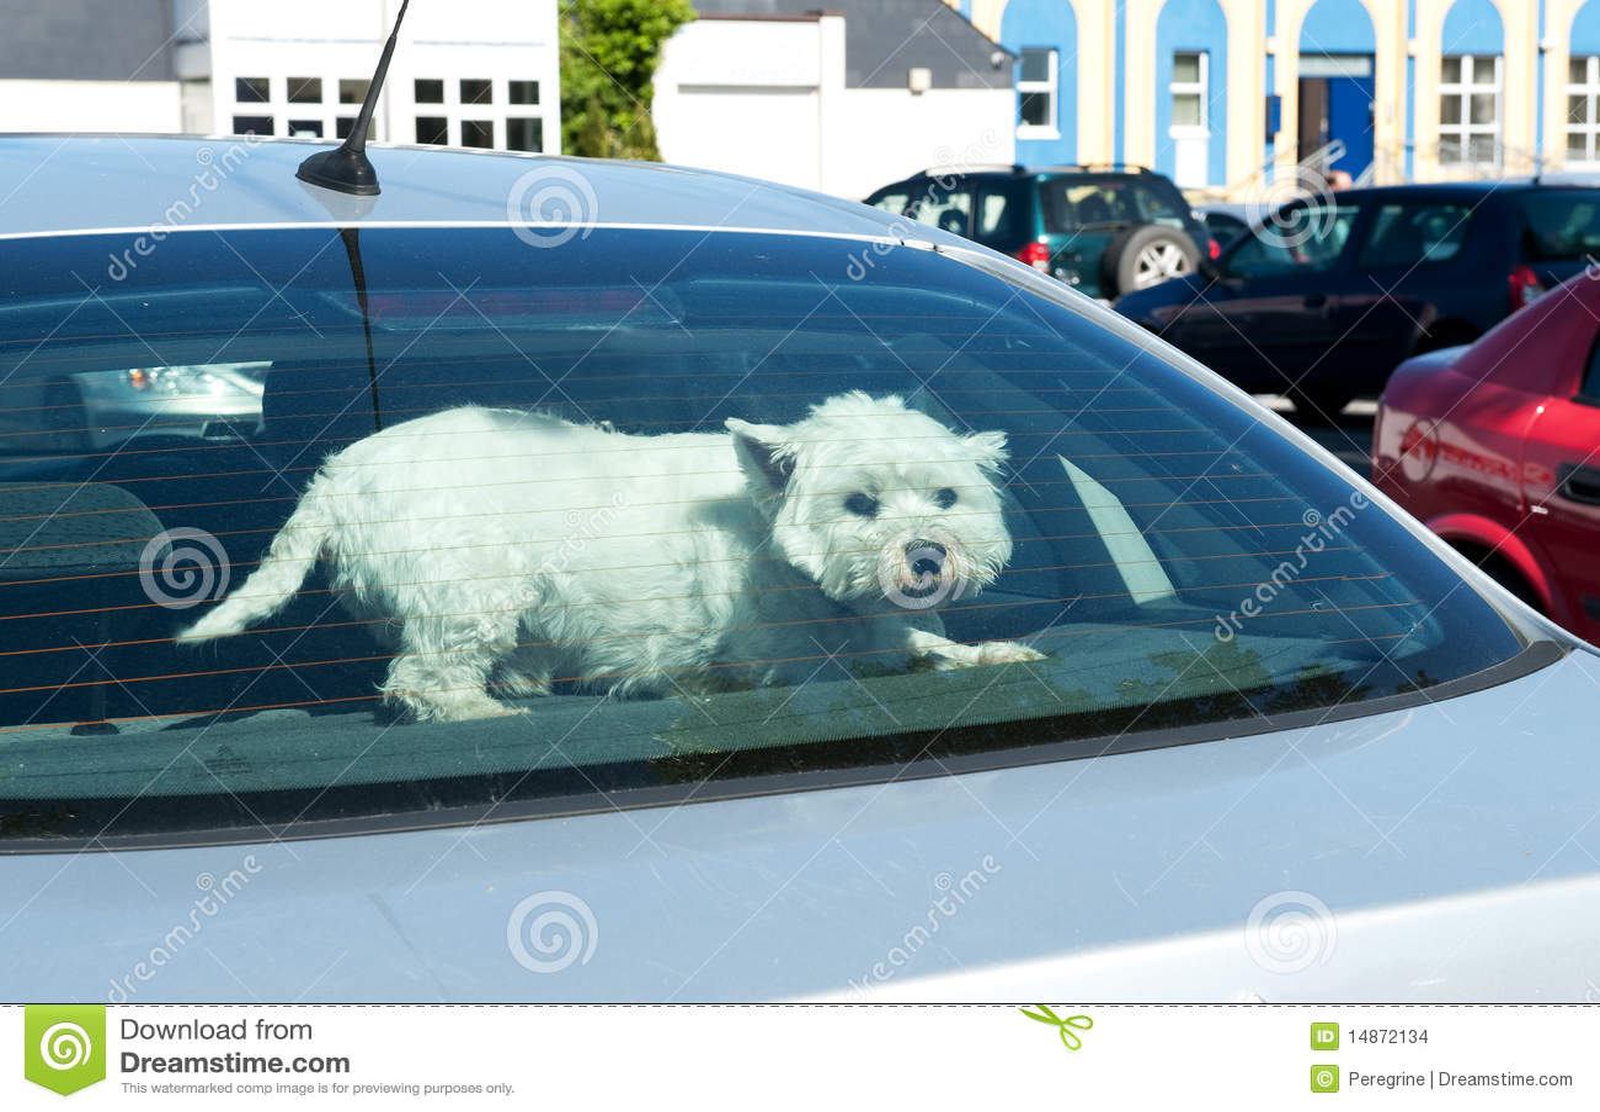 Dog In A Car Rear Window